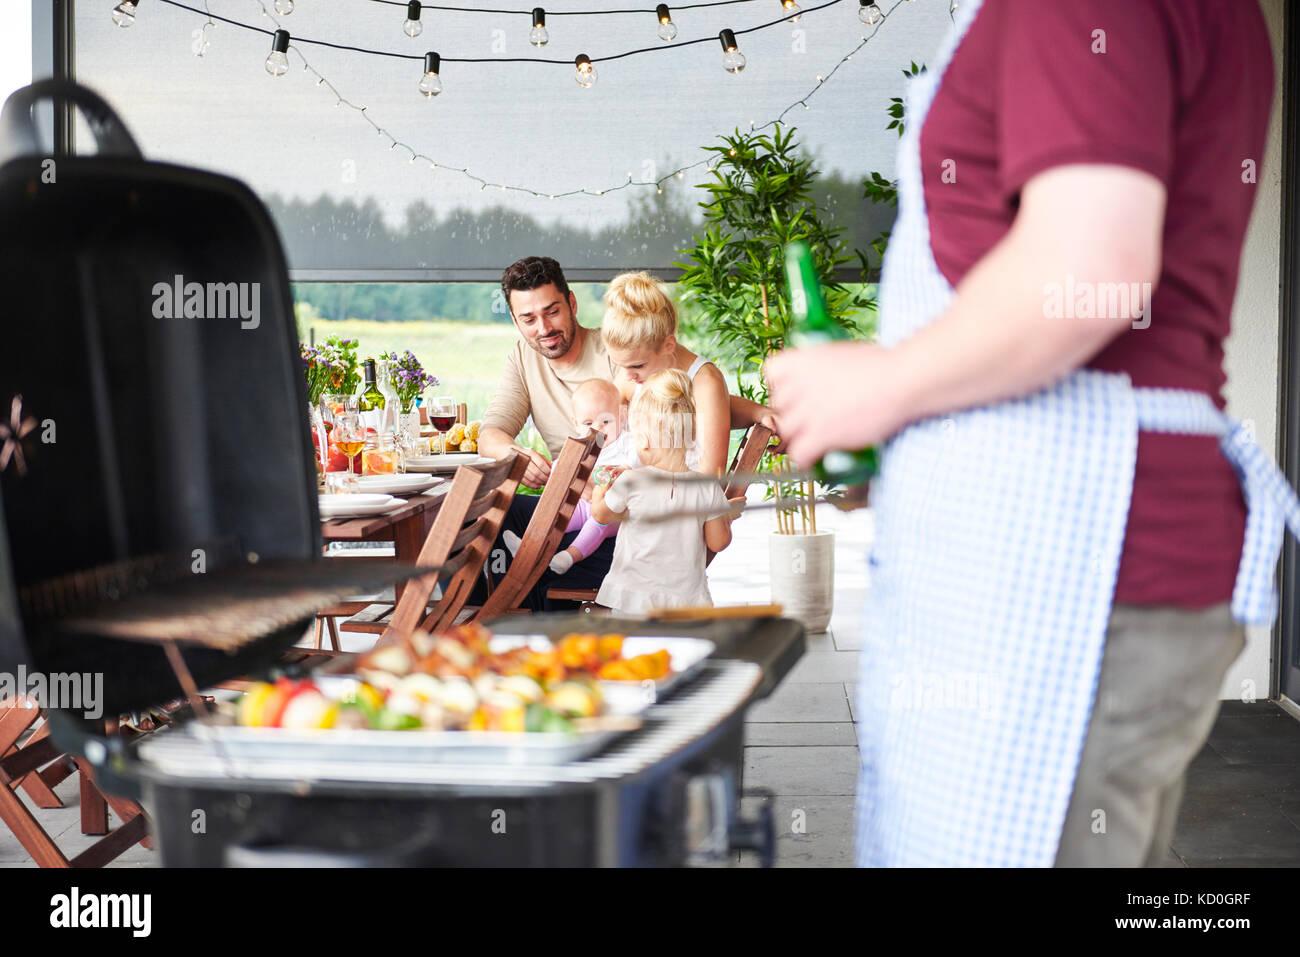 Man Grillen bei Familie Mittagessen auf der Terrasse Stockbild